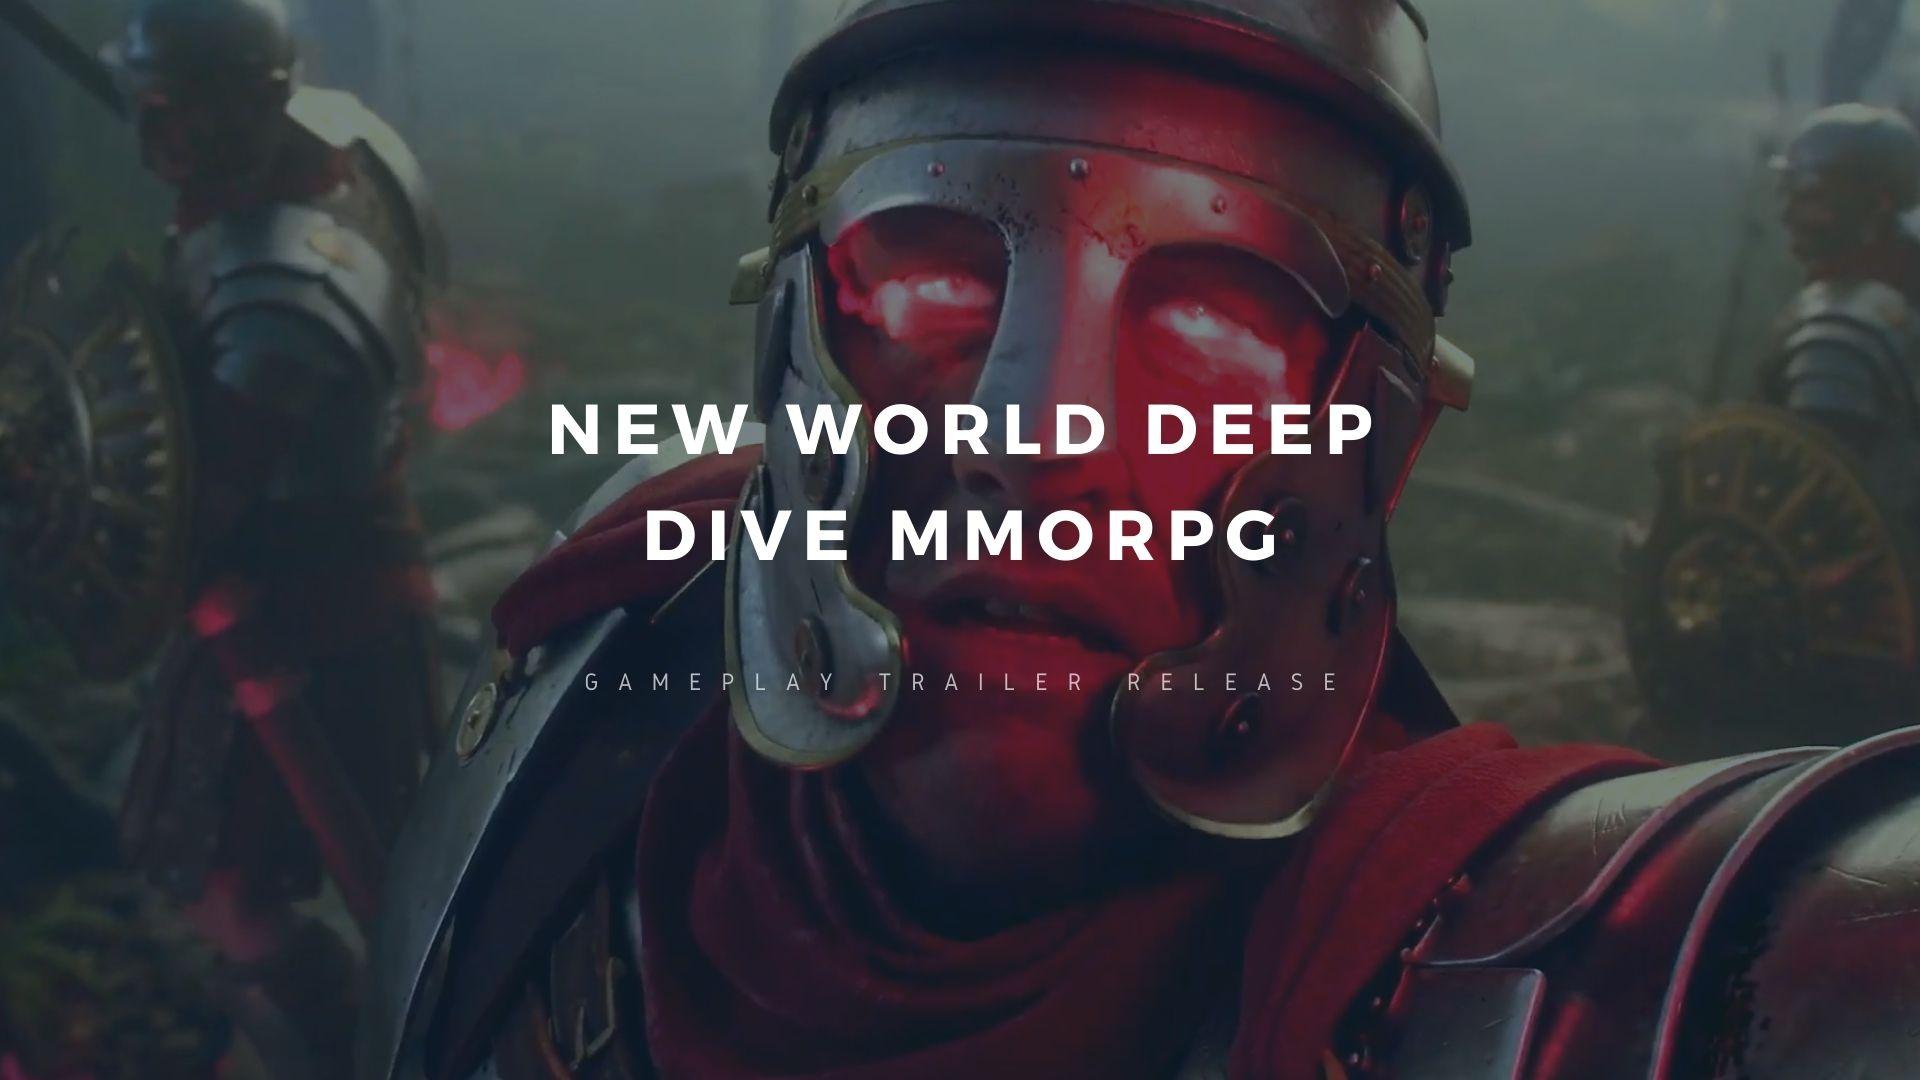 Summer Game Fest 2021: New World Deep Dive